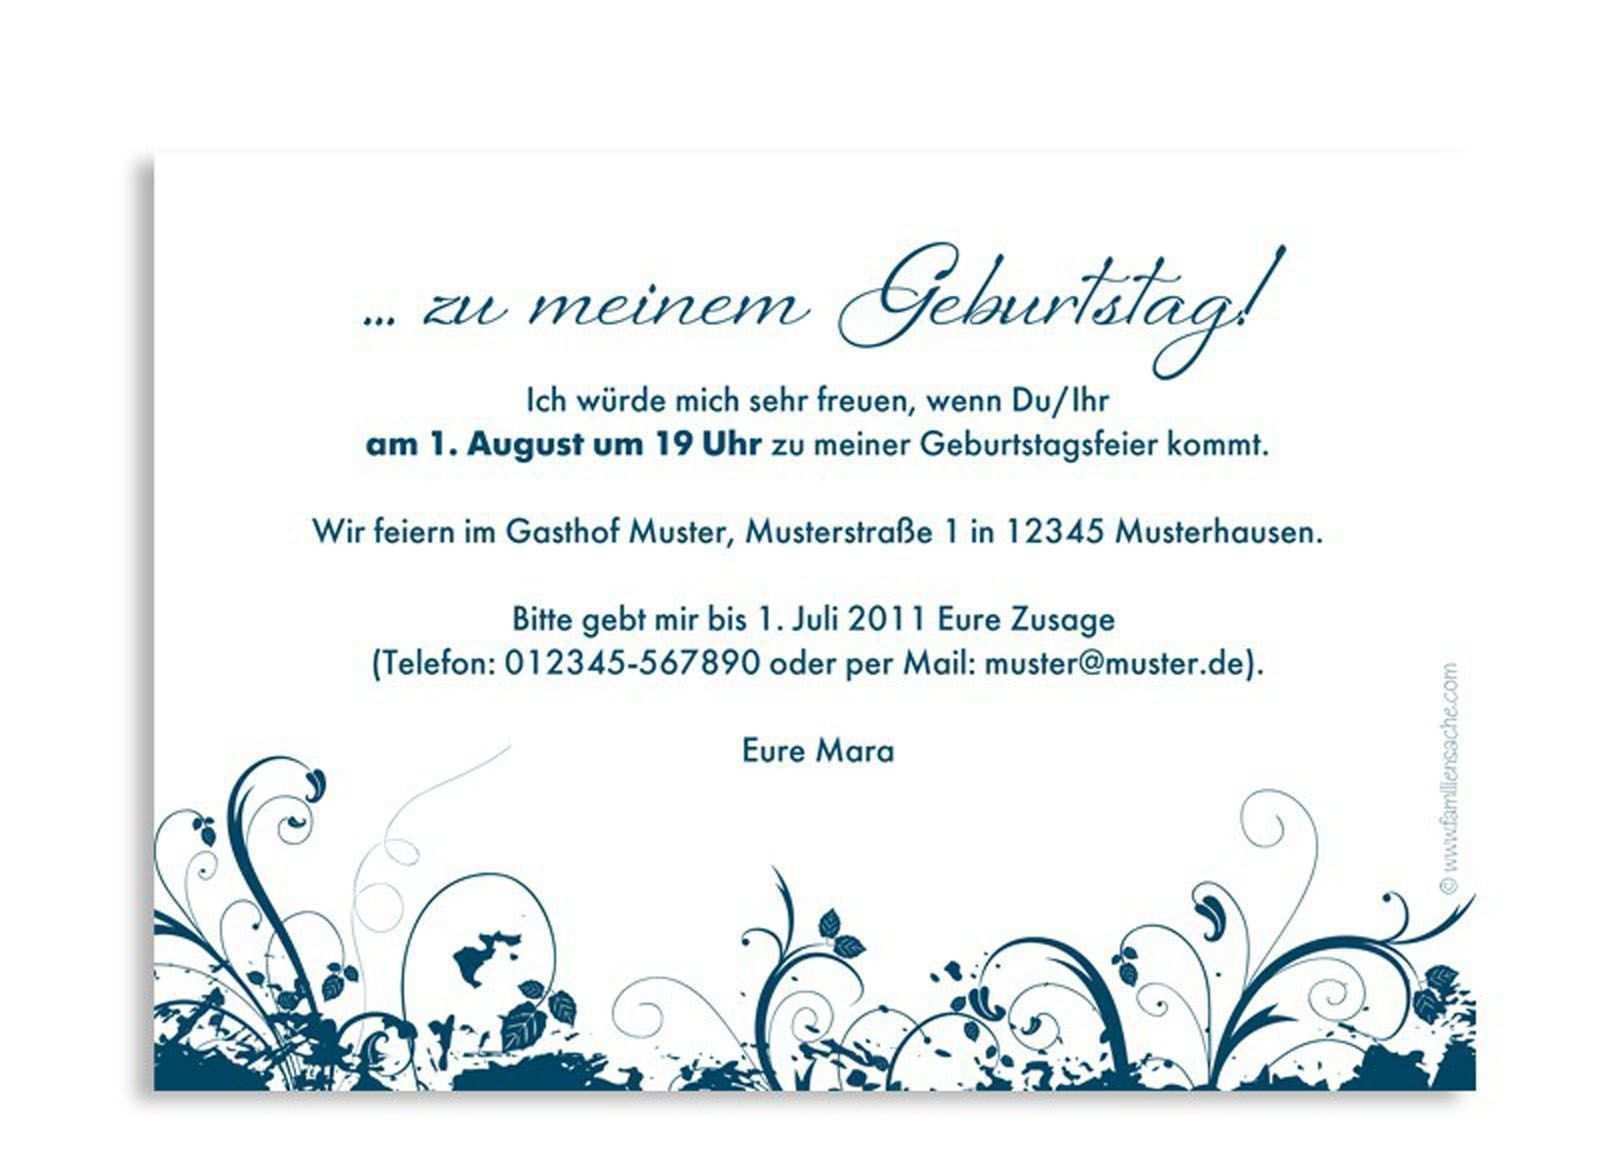 Einladungskarten Geburtstag Einladungskarten Geburtstag Texte Einladung Zum Geburtstag Einladung Zum Geburtstag